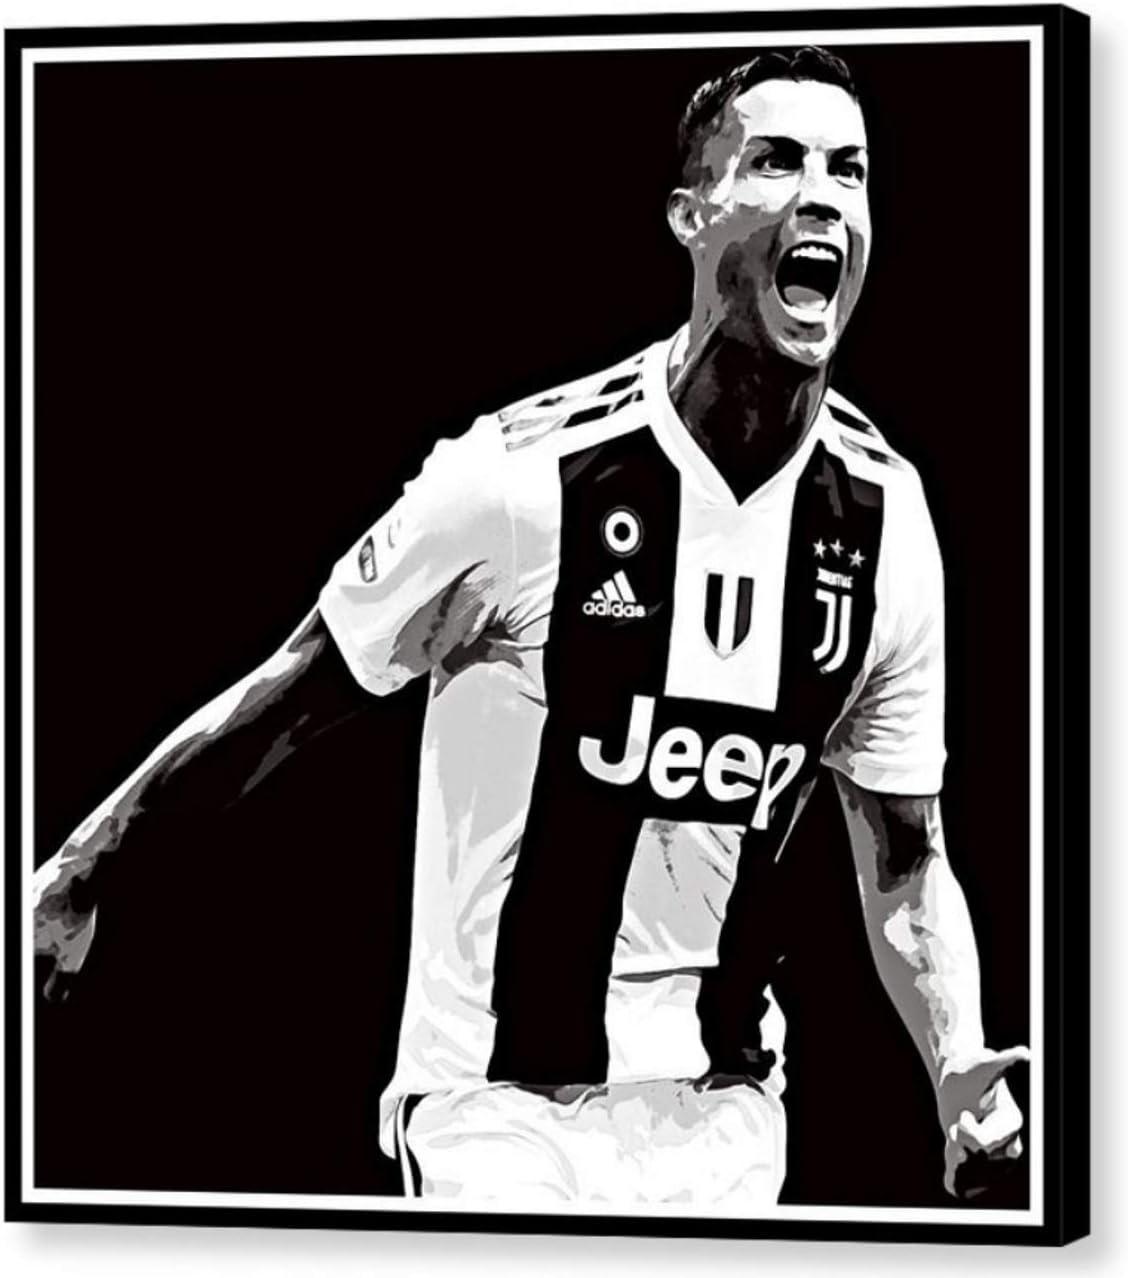 MAUSI CREATIONS – Ronaldo CR7 Juventus Cristiano Ronaldo Quadro – Impresión sobre Lienzo, Stretched Canvas Print, Druck Auf KEILLENWAND, impresión sobre Lienzo – Reproducción de Pintura: Amazon.es: Hogar